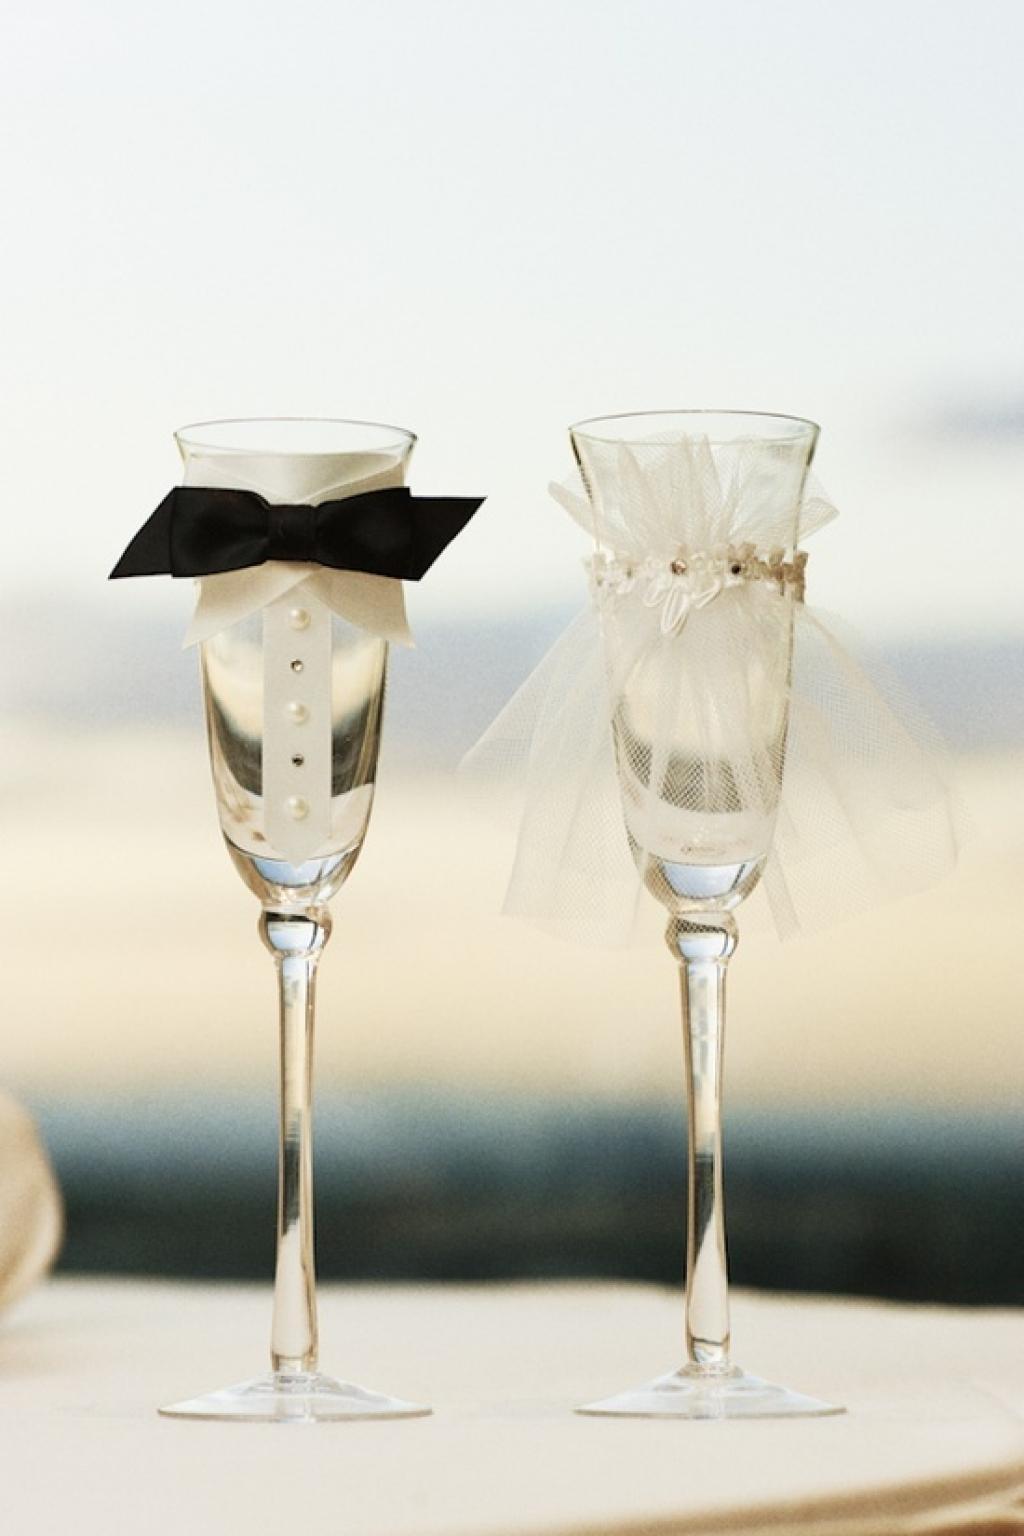 Comment decorer une flute a champagne